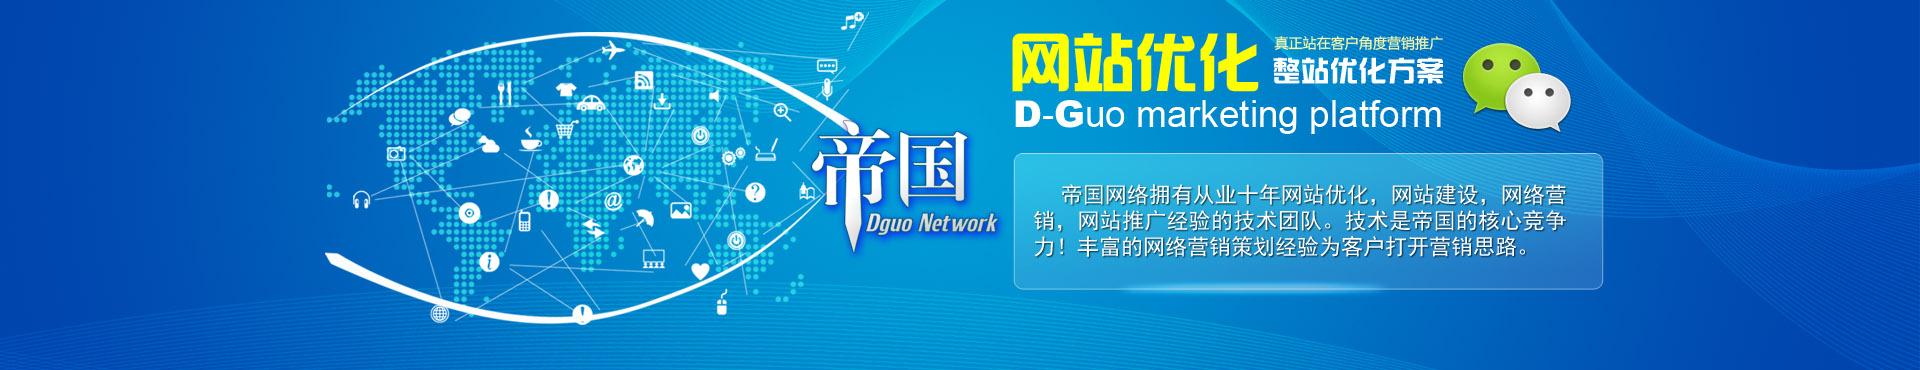 北京seo公司做企业网站优化服务内容有哪些?多少钱?